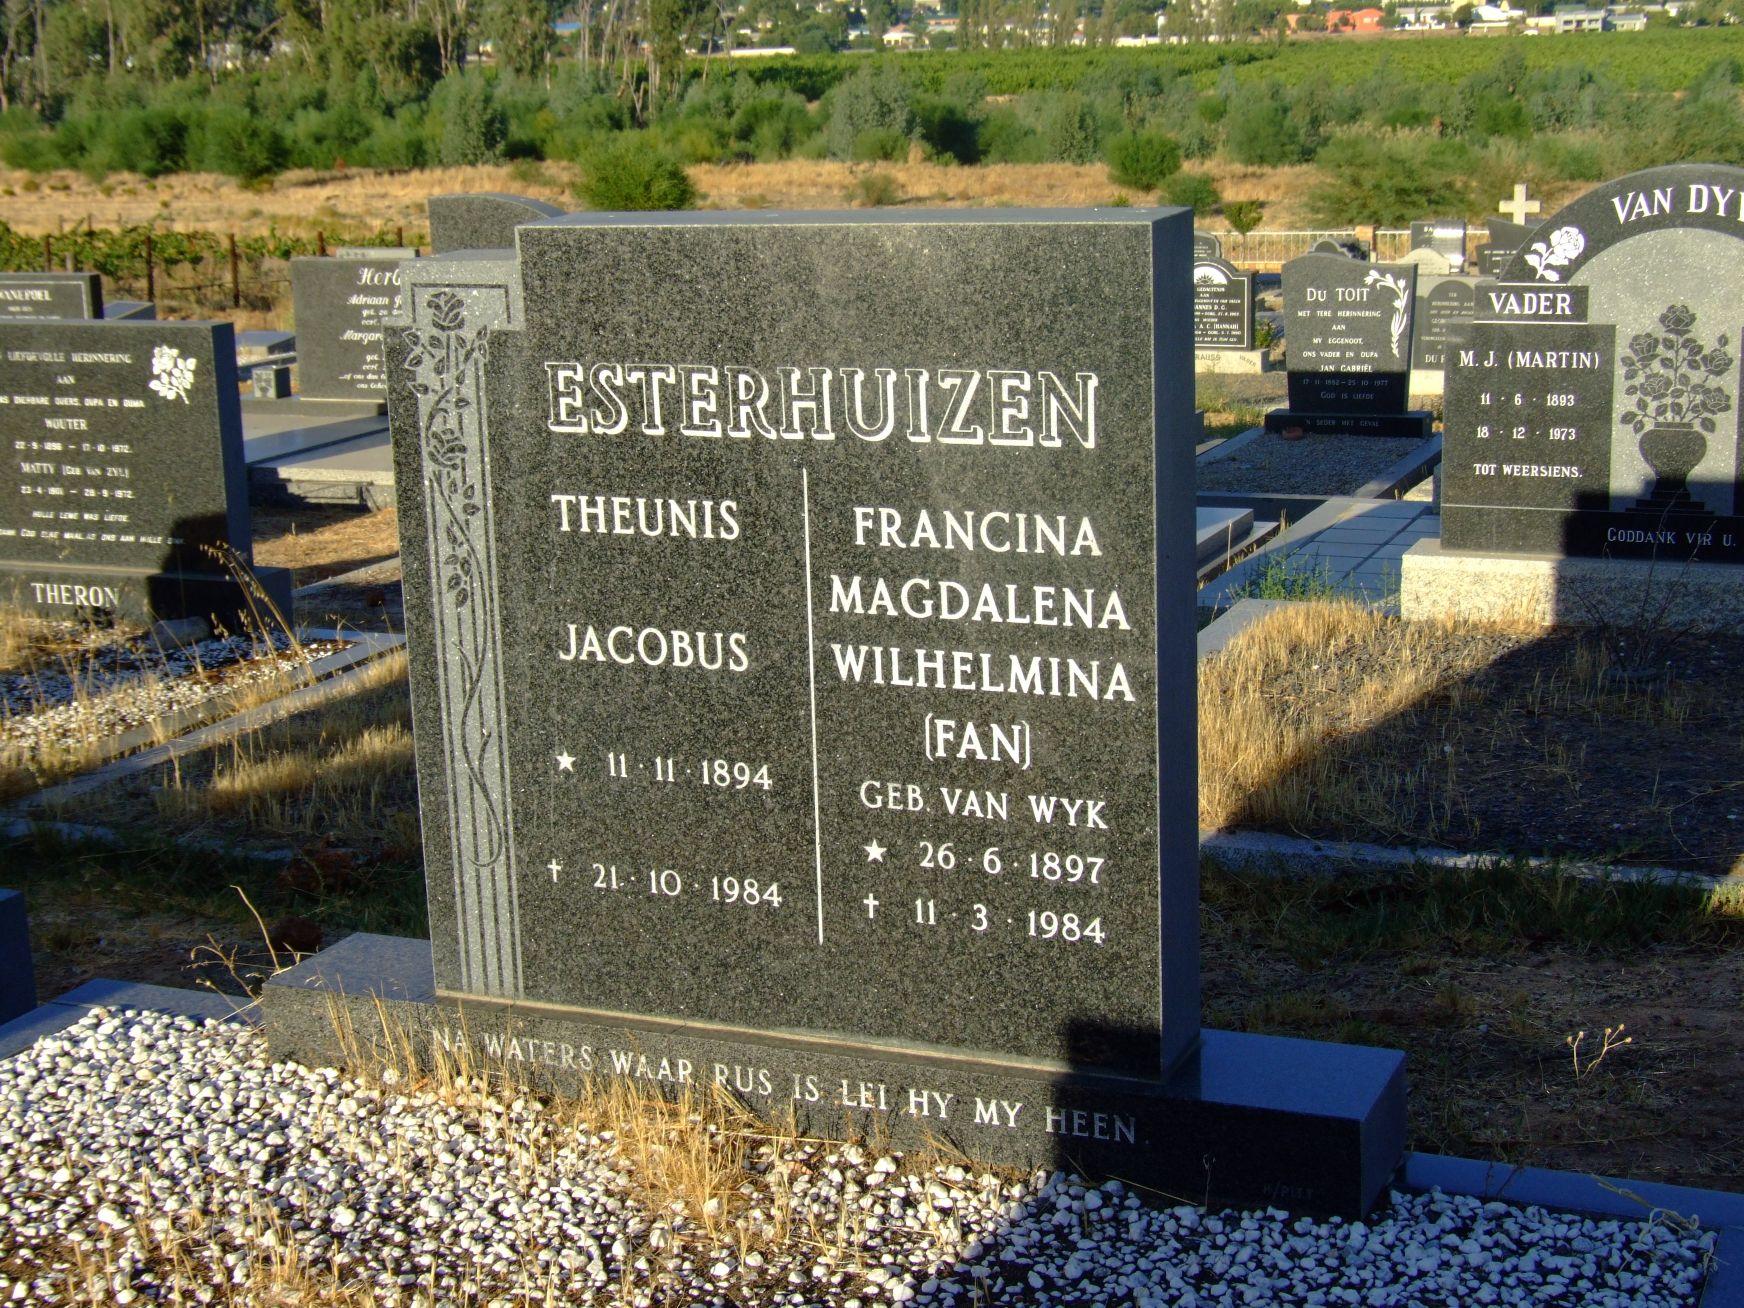 Esterhuizen, Theunis Jacobus and Francina Magdalena Wilhelmina n